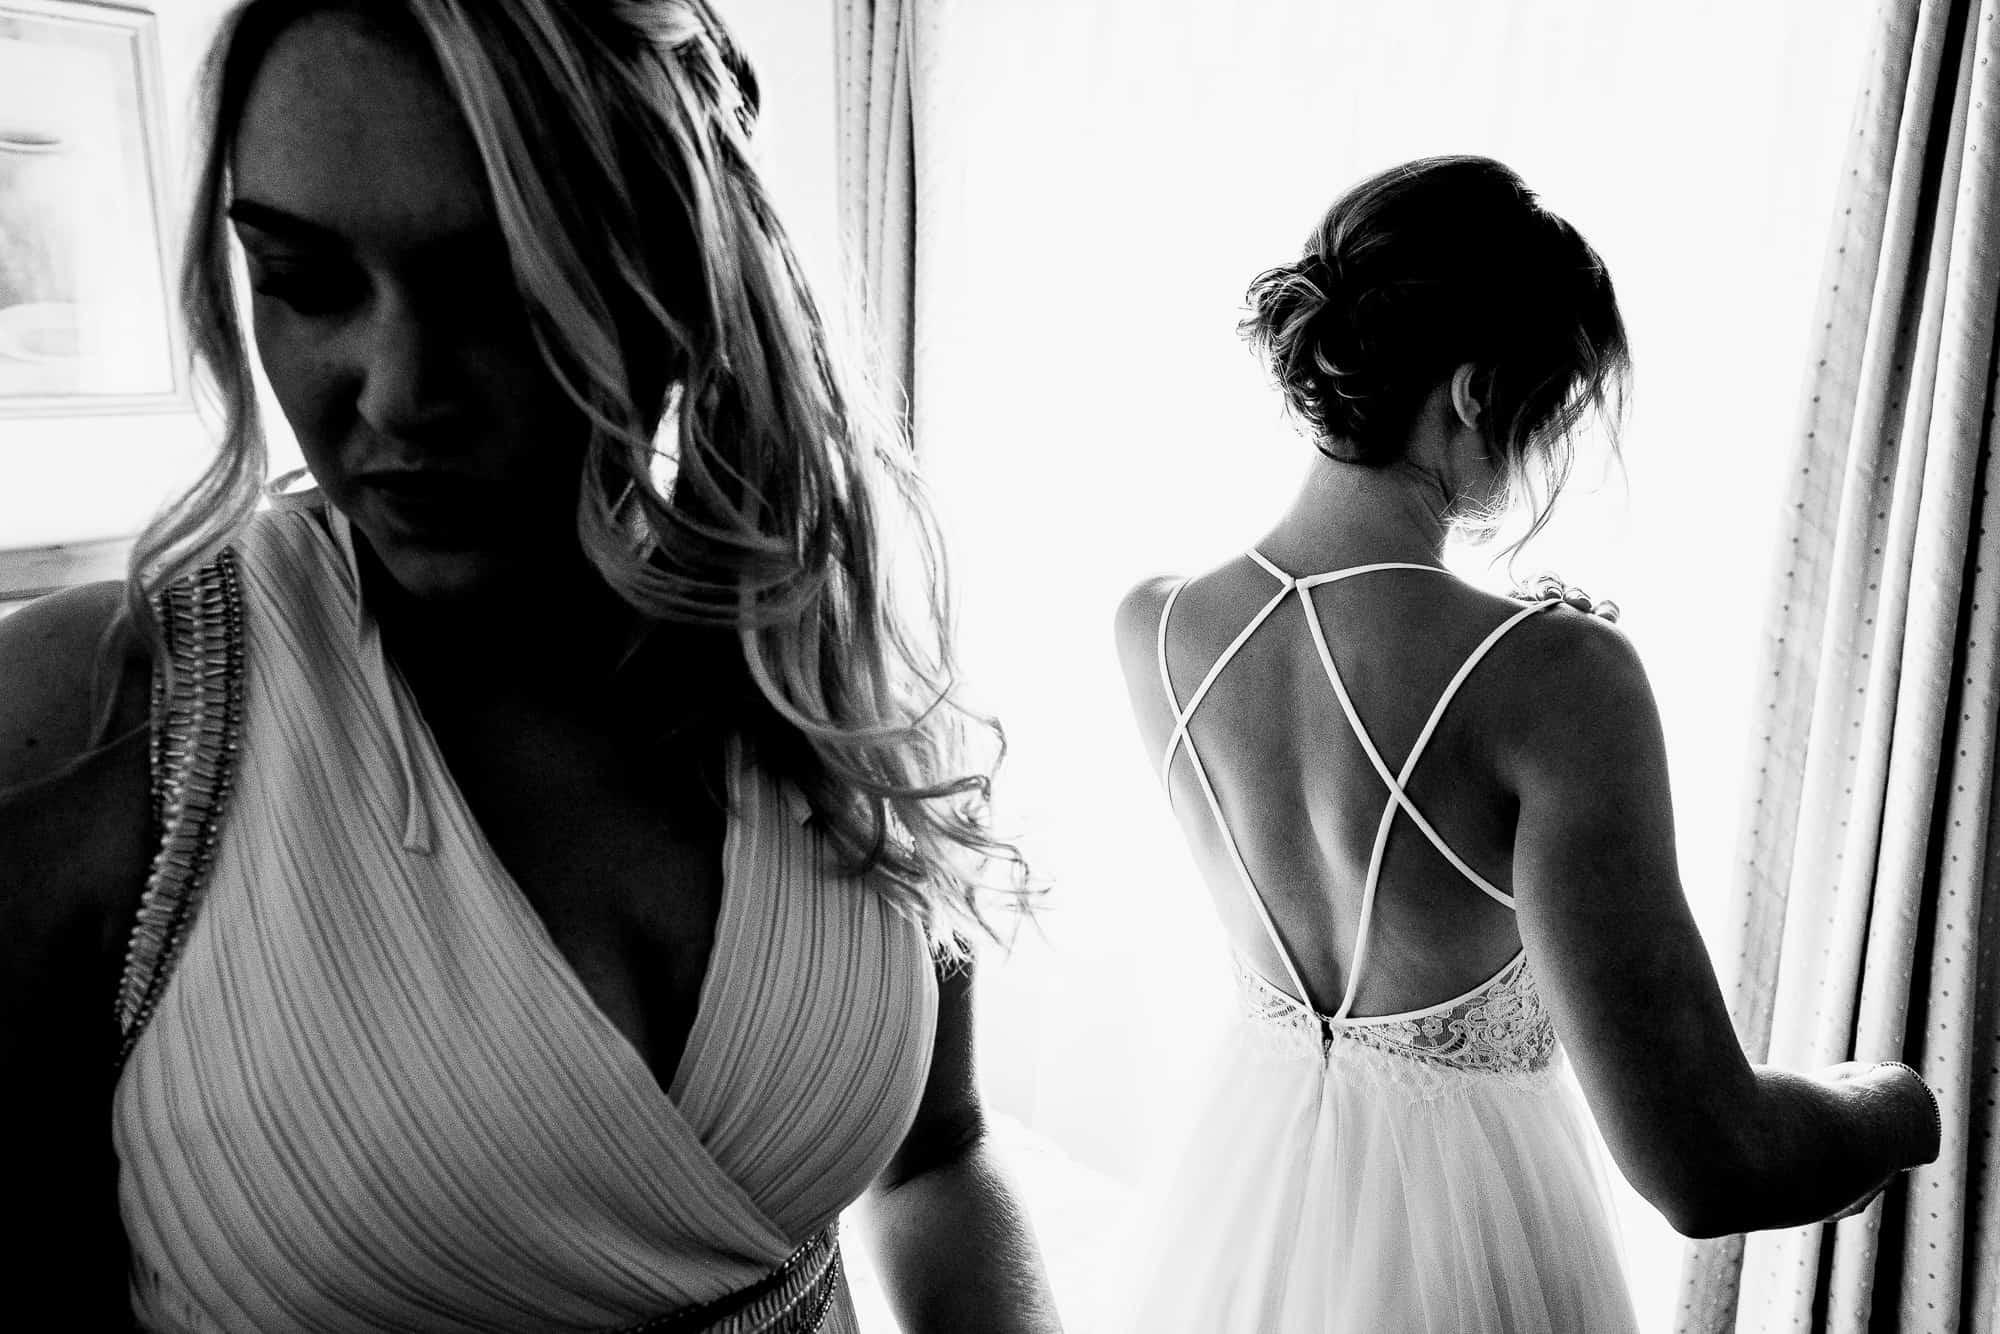 algarve-wedding-photographer-matt-tyler-0020